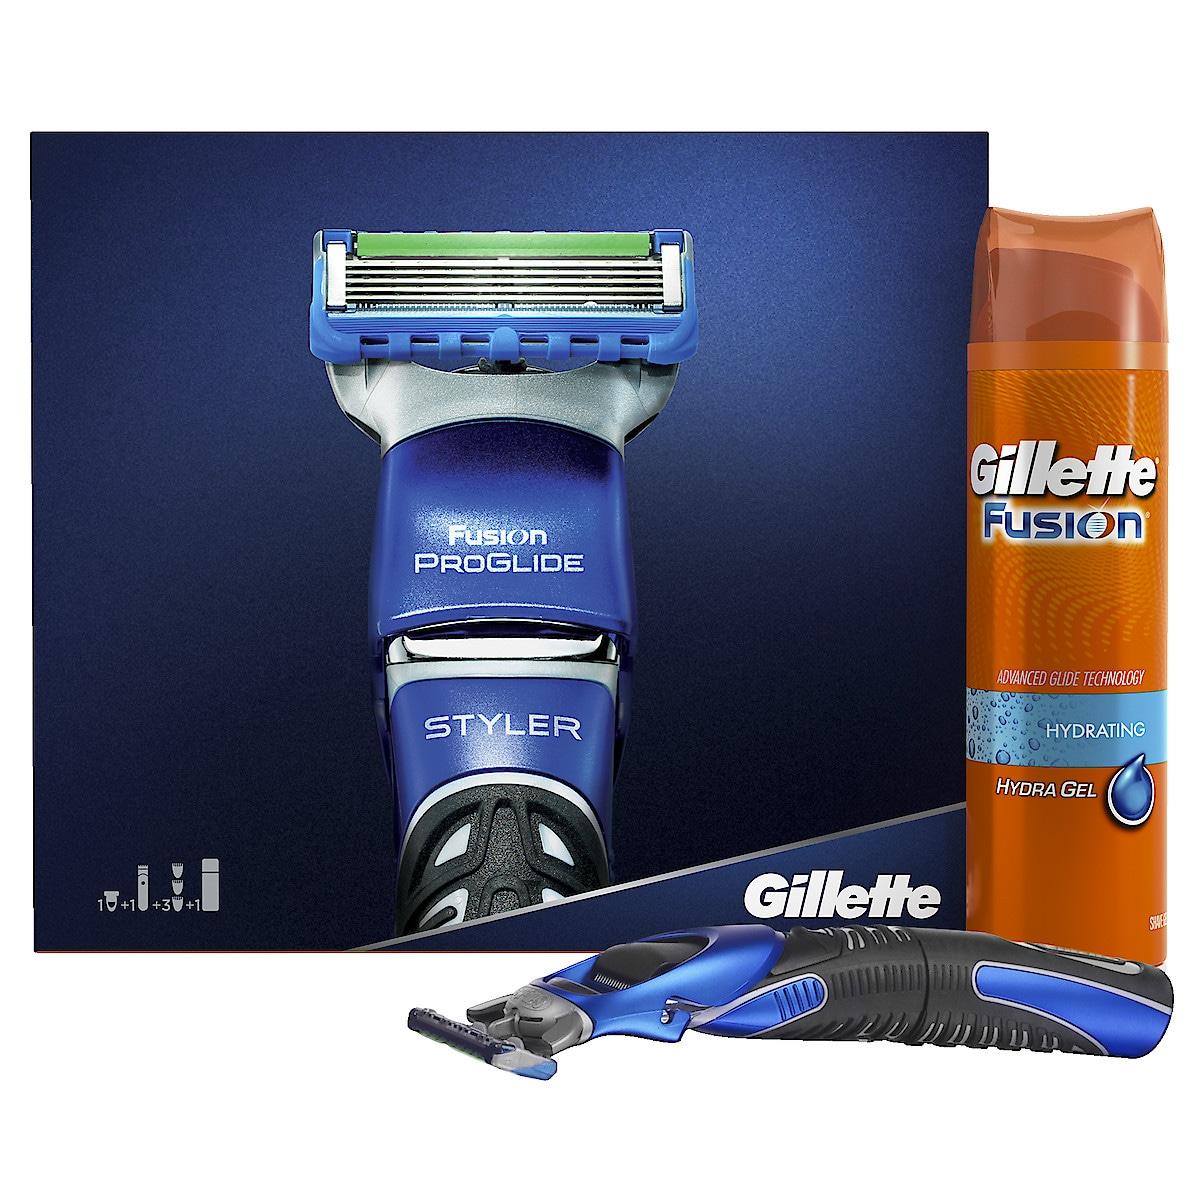 Fusion Proglider Styler Gillette